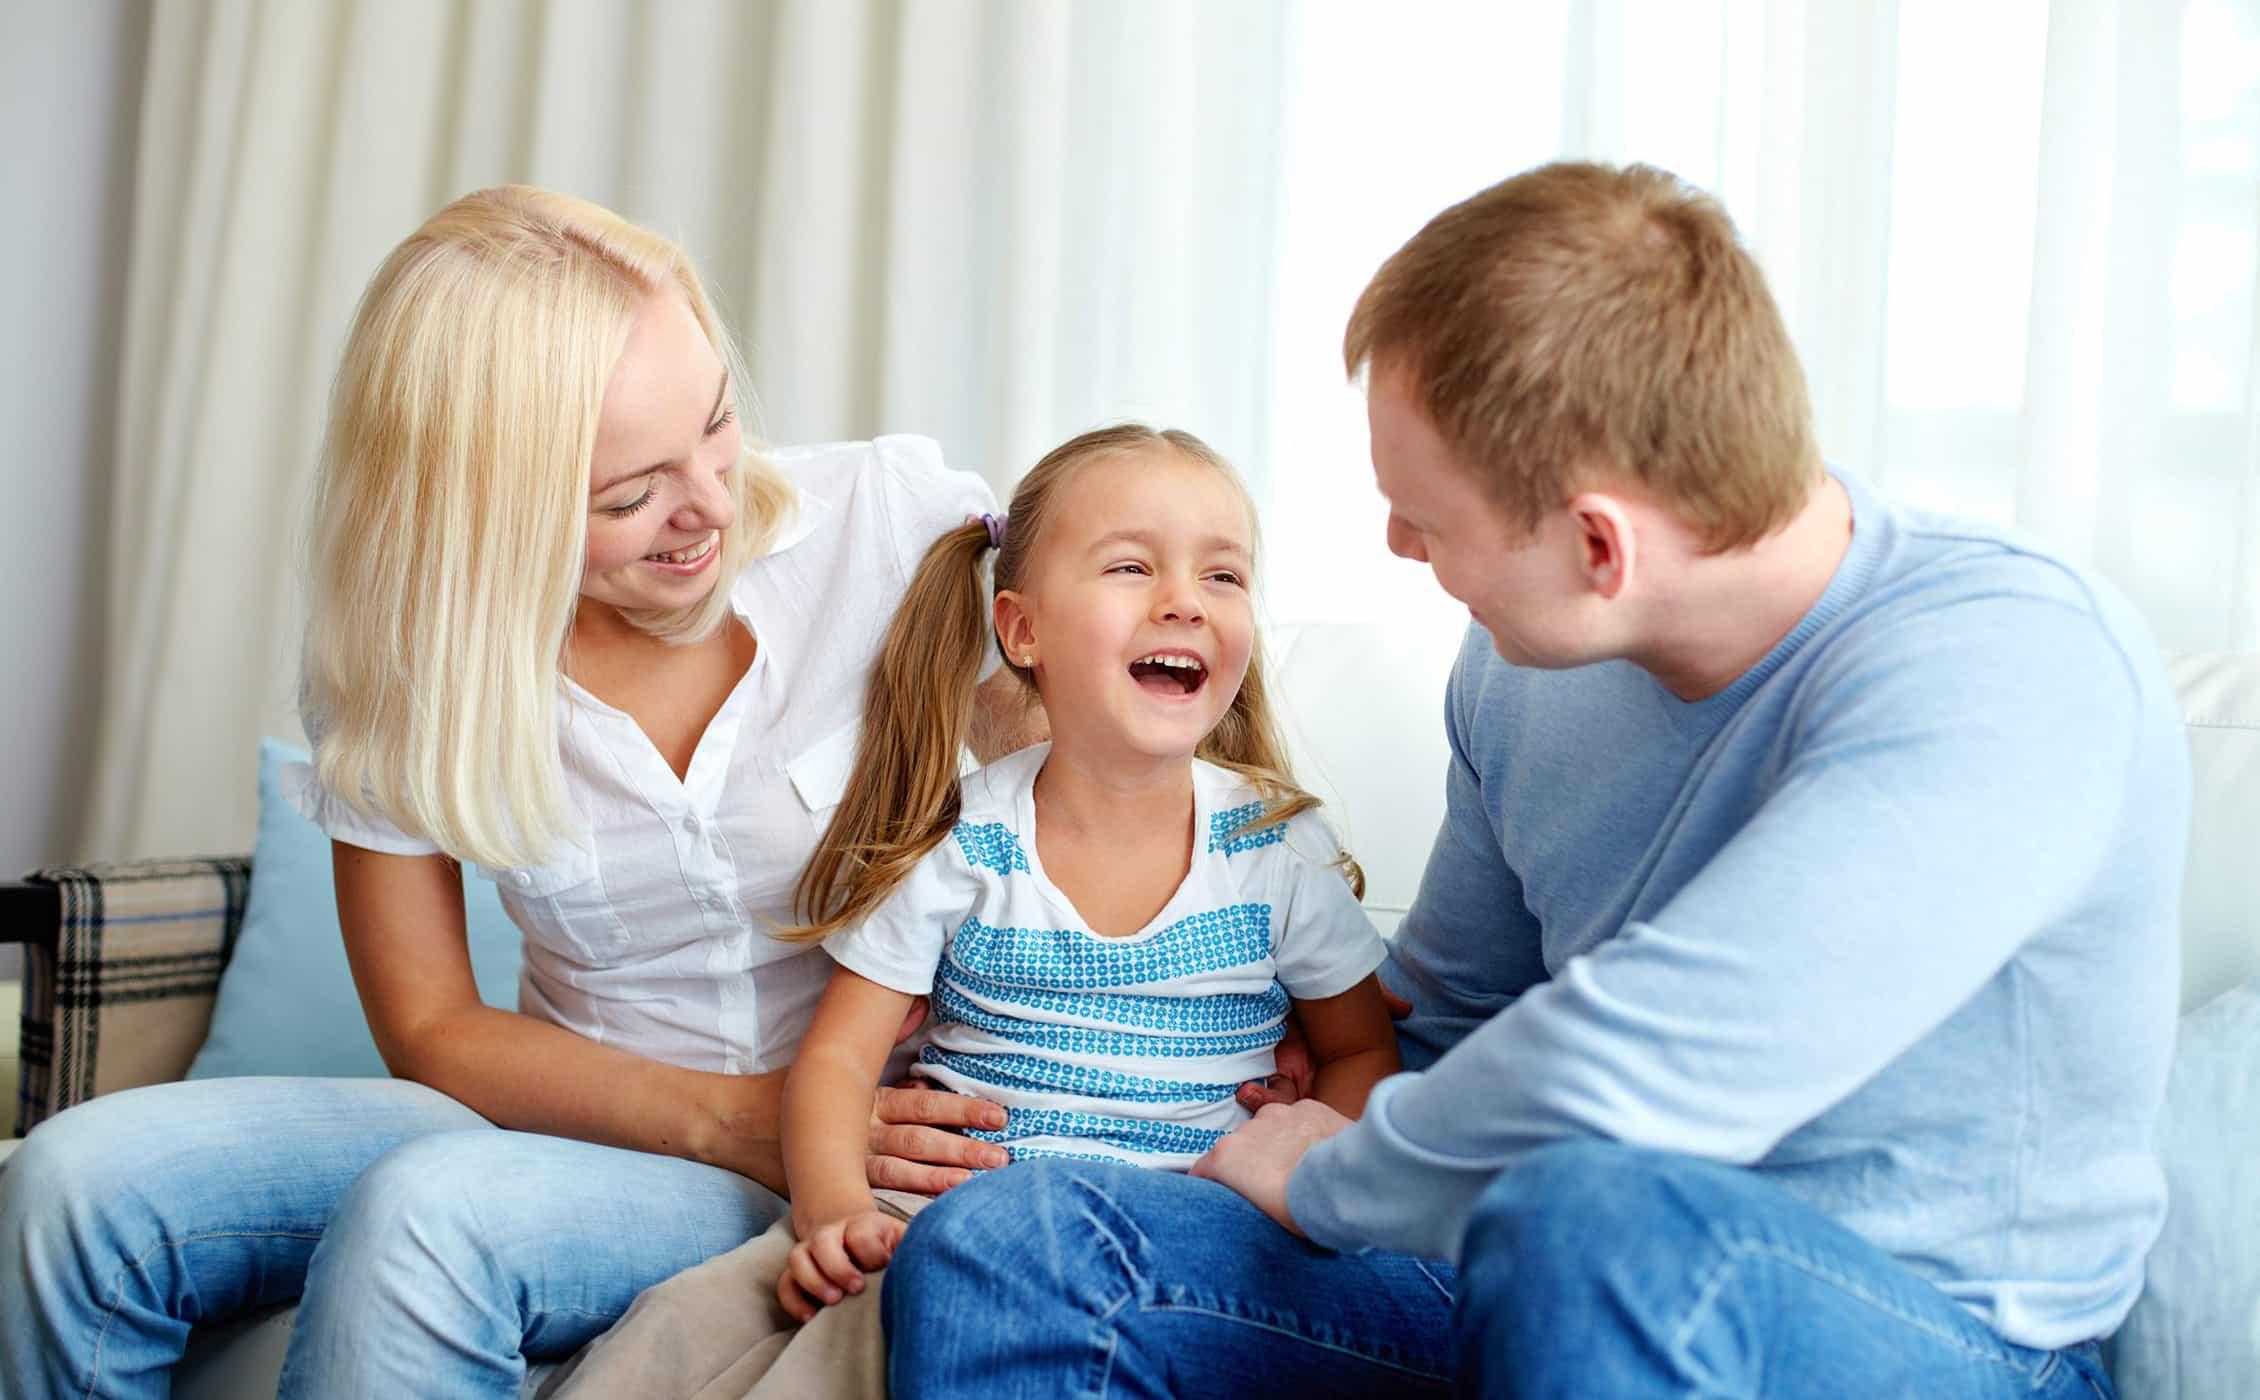 организациях детям нужна семья картинки можно упереть